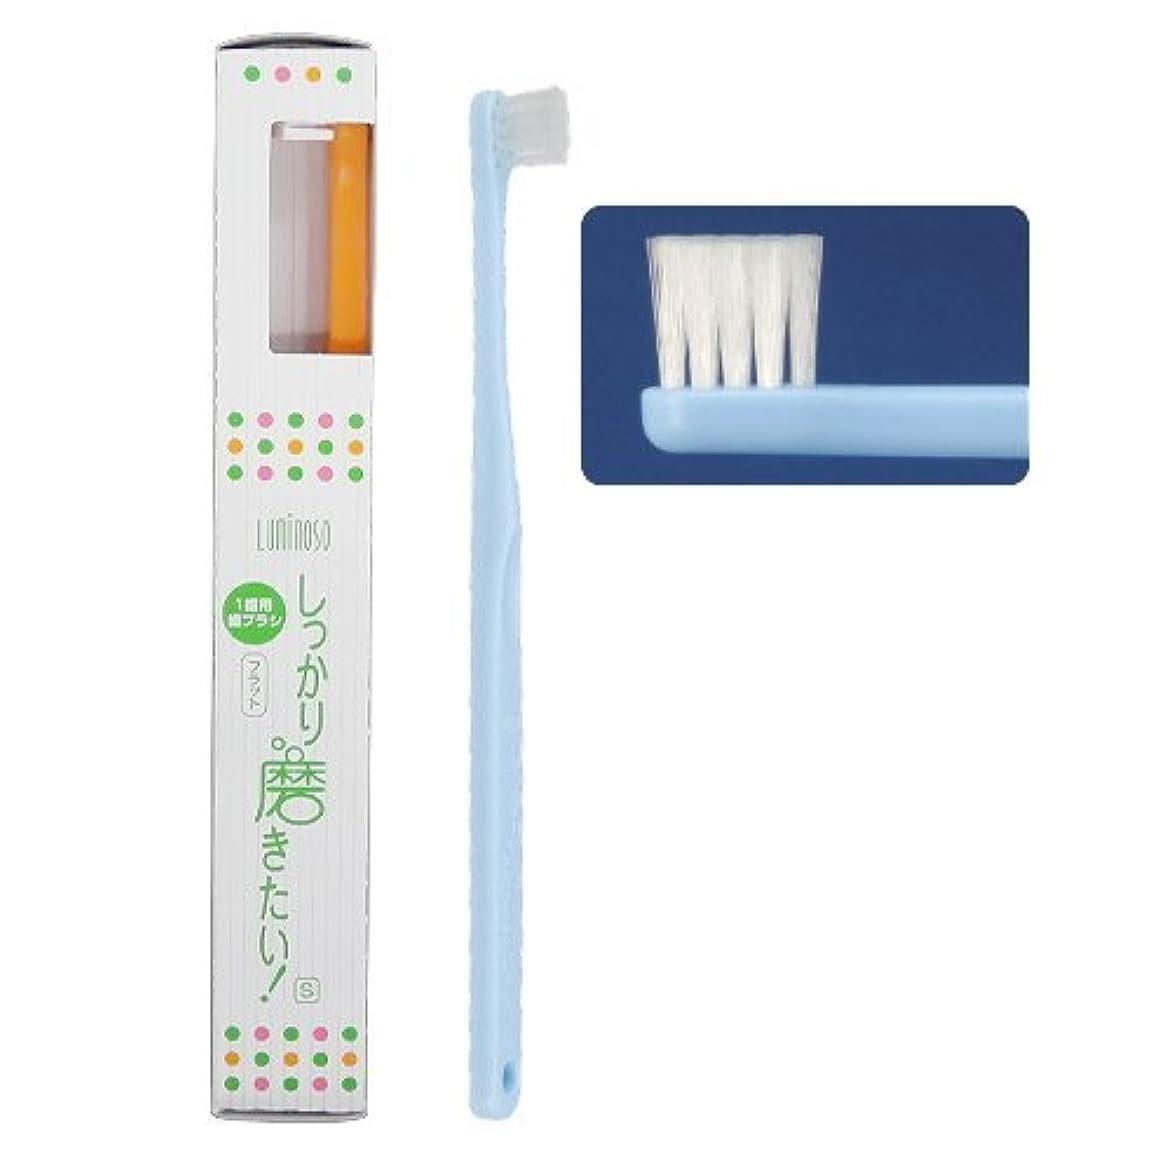 断言するめまい夜ルミノソ 1歯用歯ブラシ 「しっかり磨きたい!」 フラット ソフト (カラー指定不可) 5本